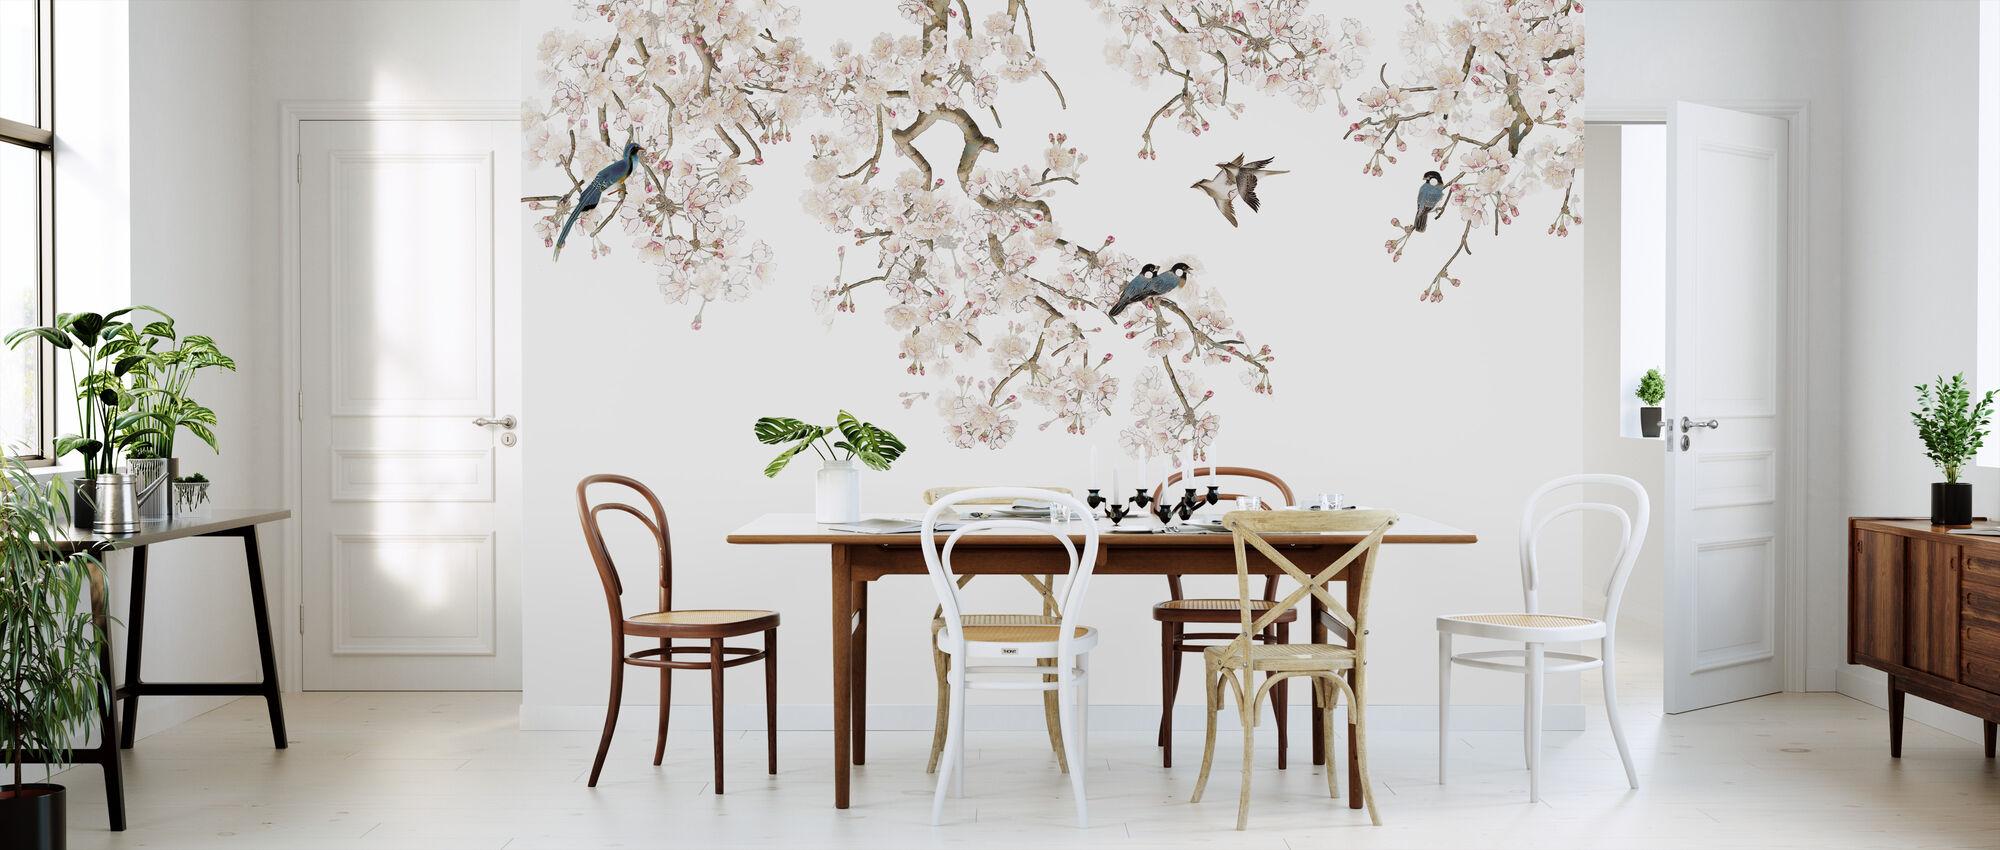 Birds Hangout - Wallpaper - Kitchen